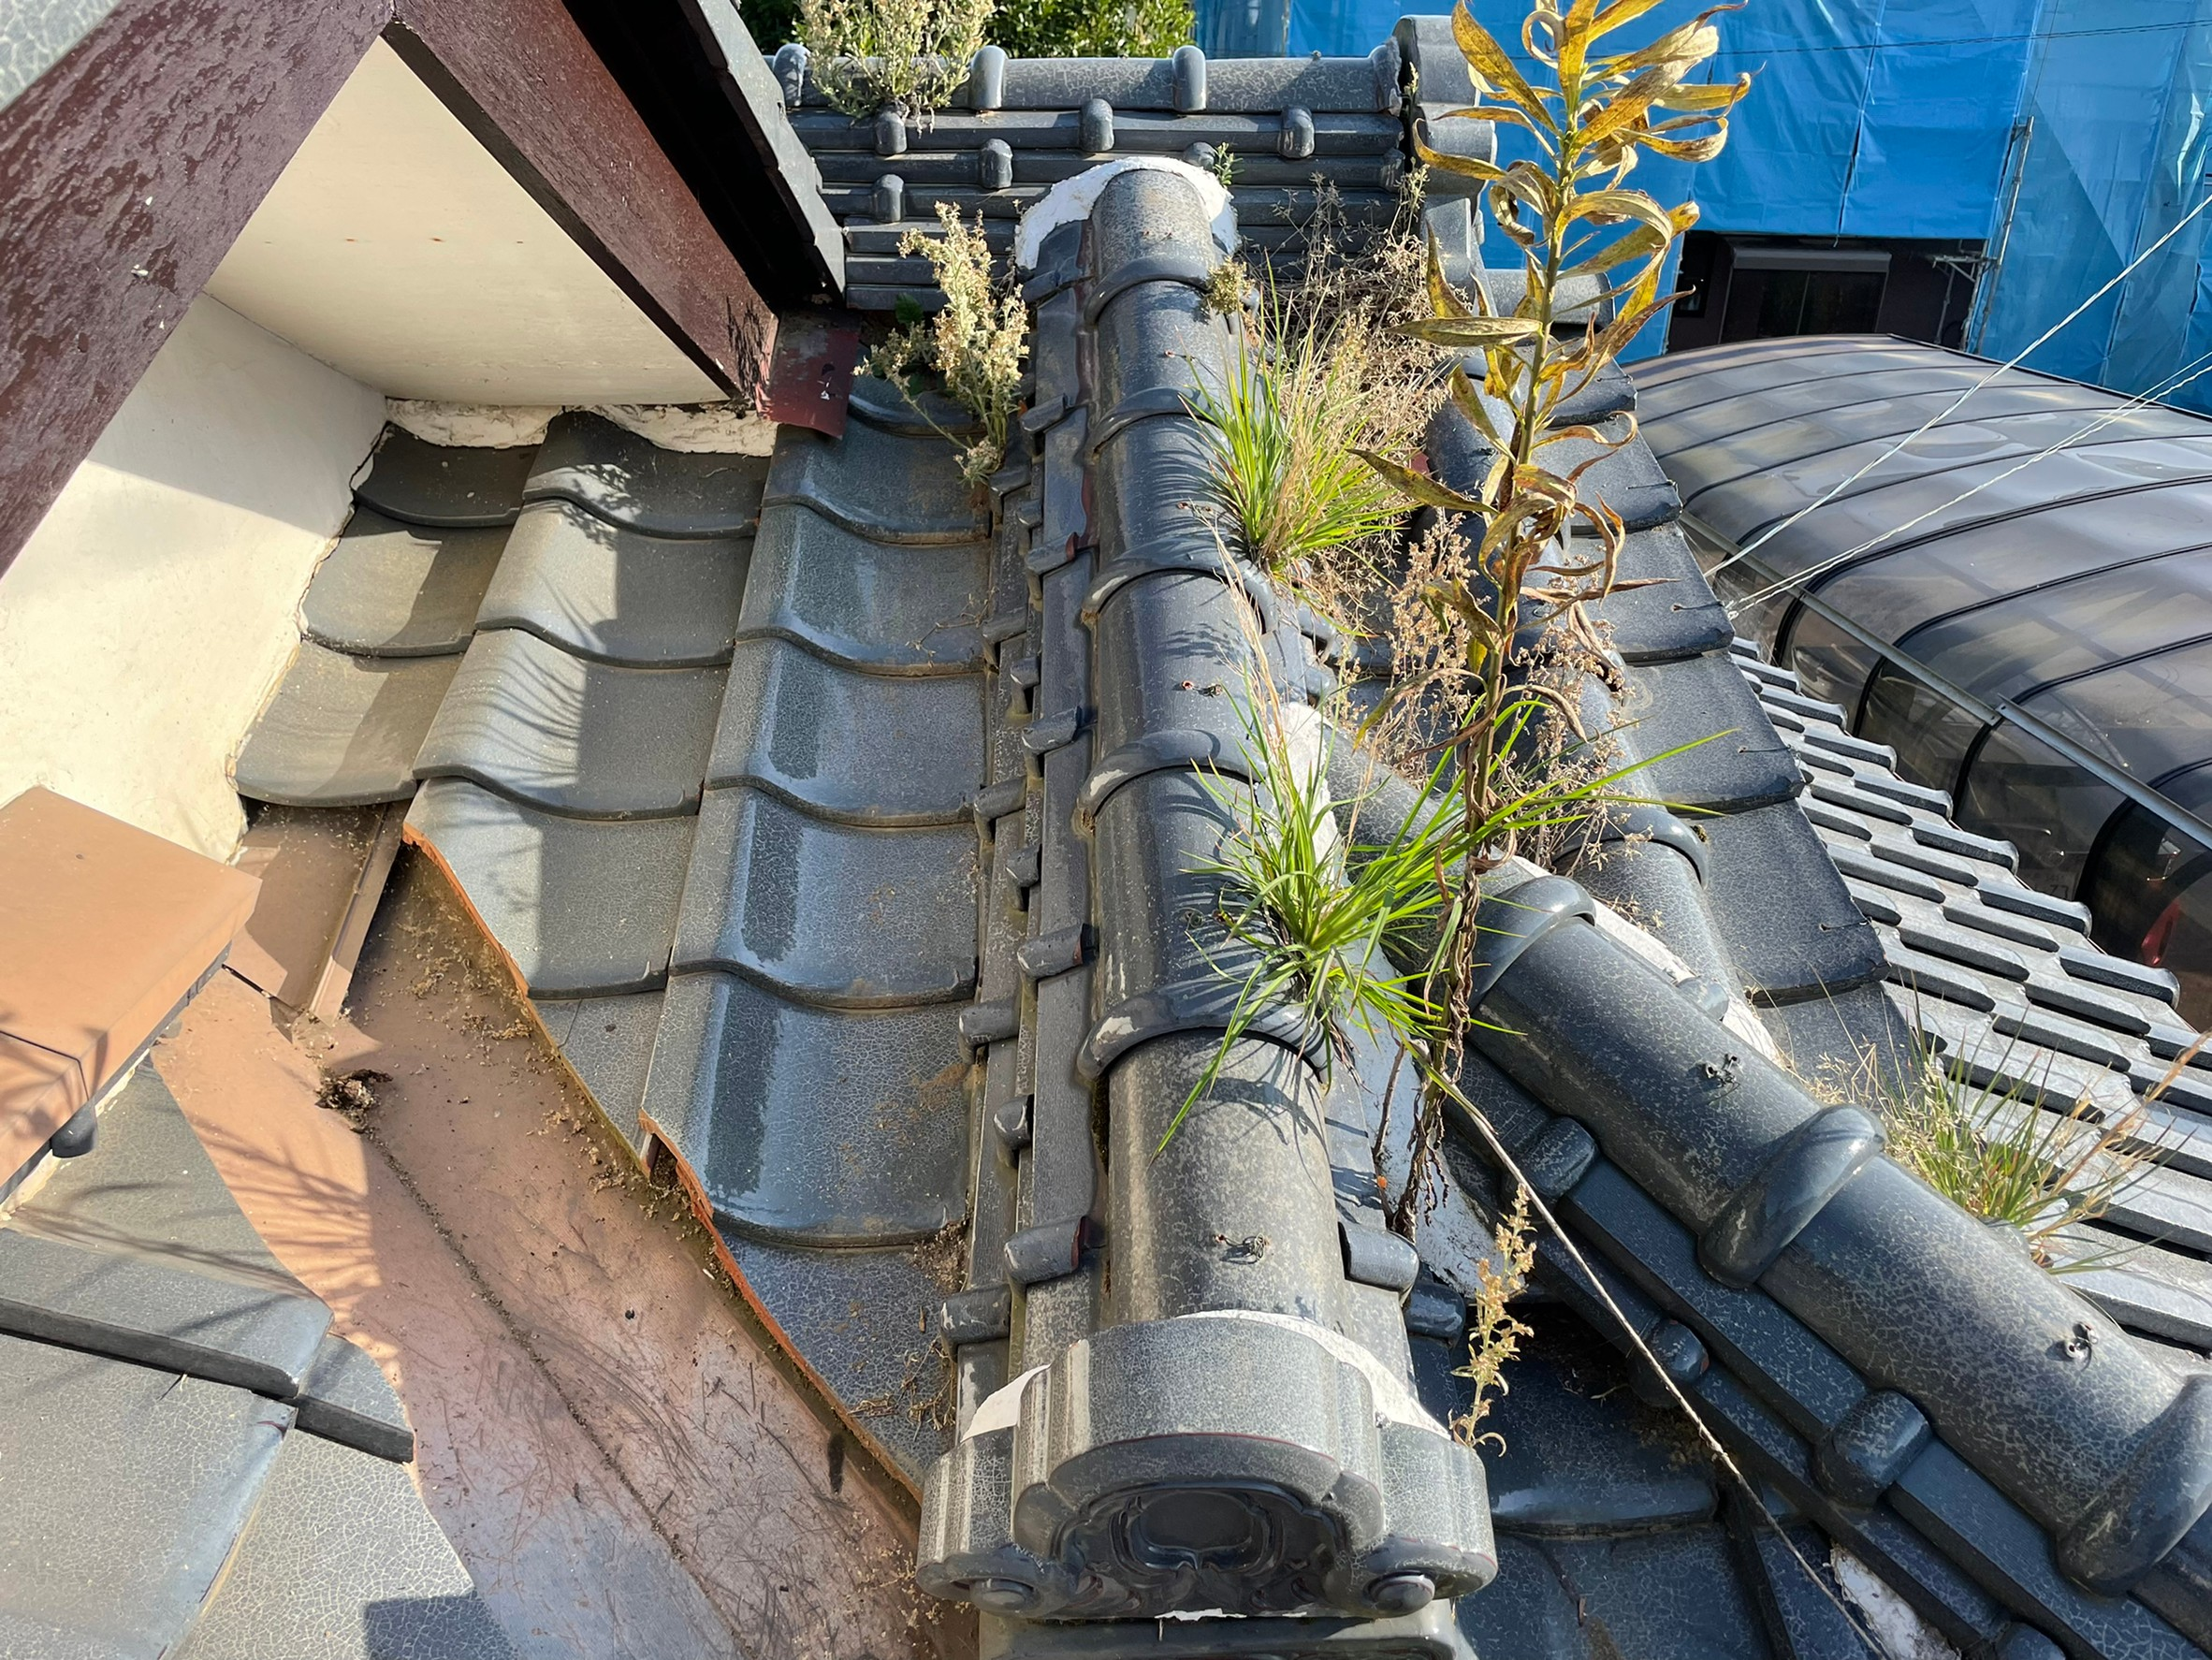 瓦屋根の雨漏り補修工事